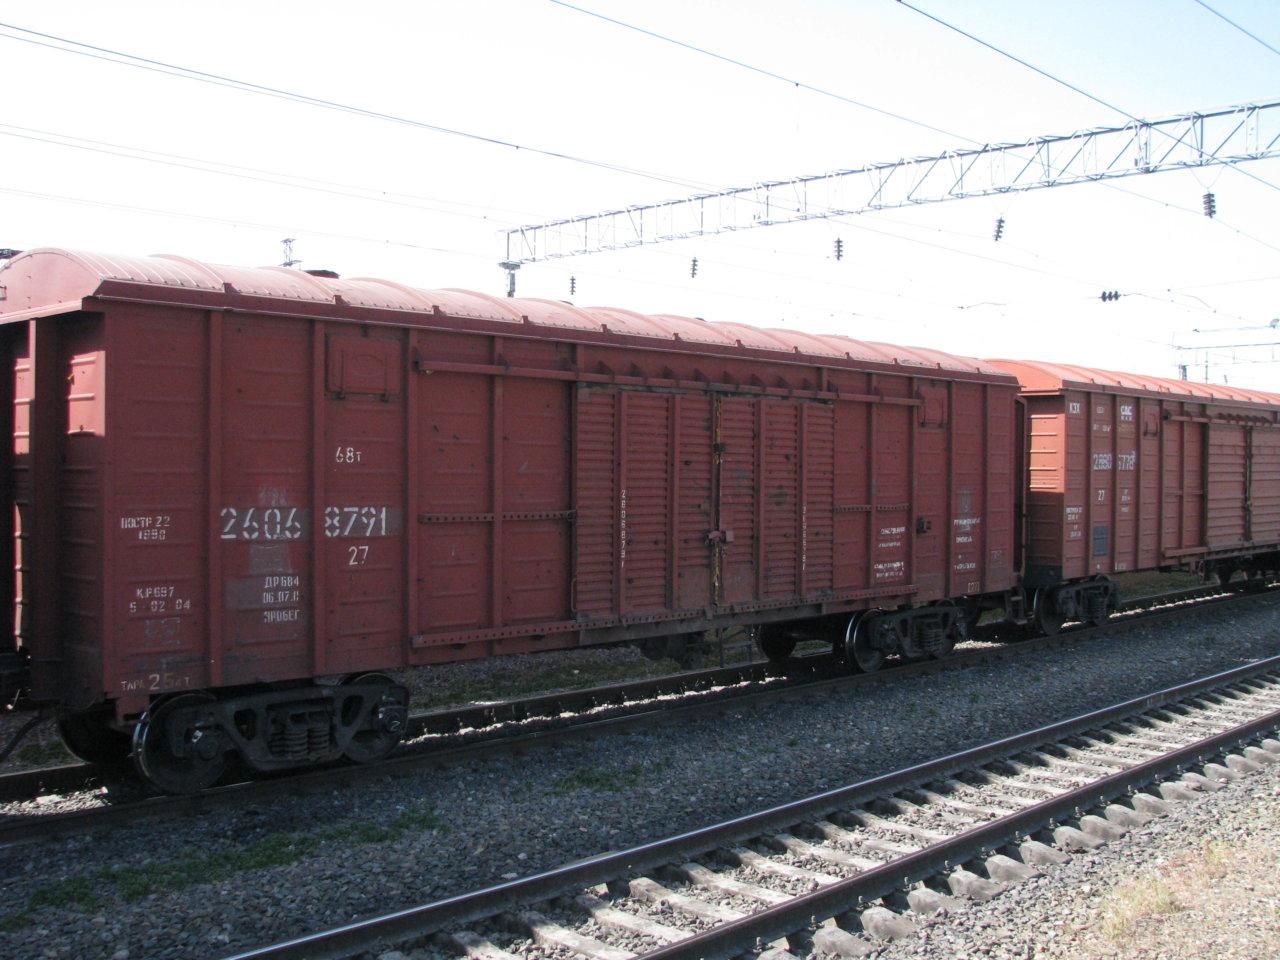 В декабрена станциях Астраханского региона ПривЖД погруженооколо 754 тыс. тонн